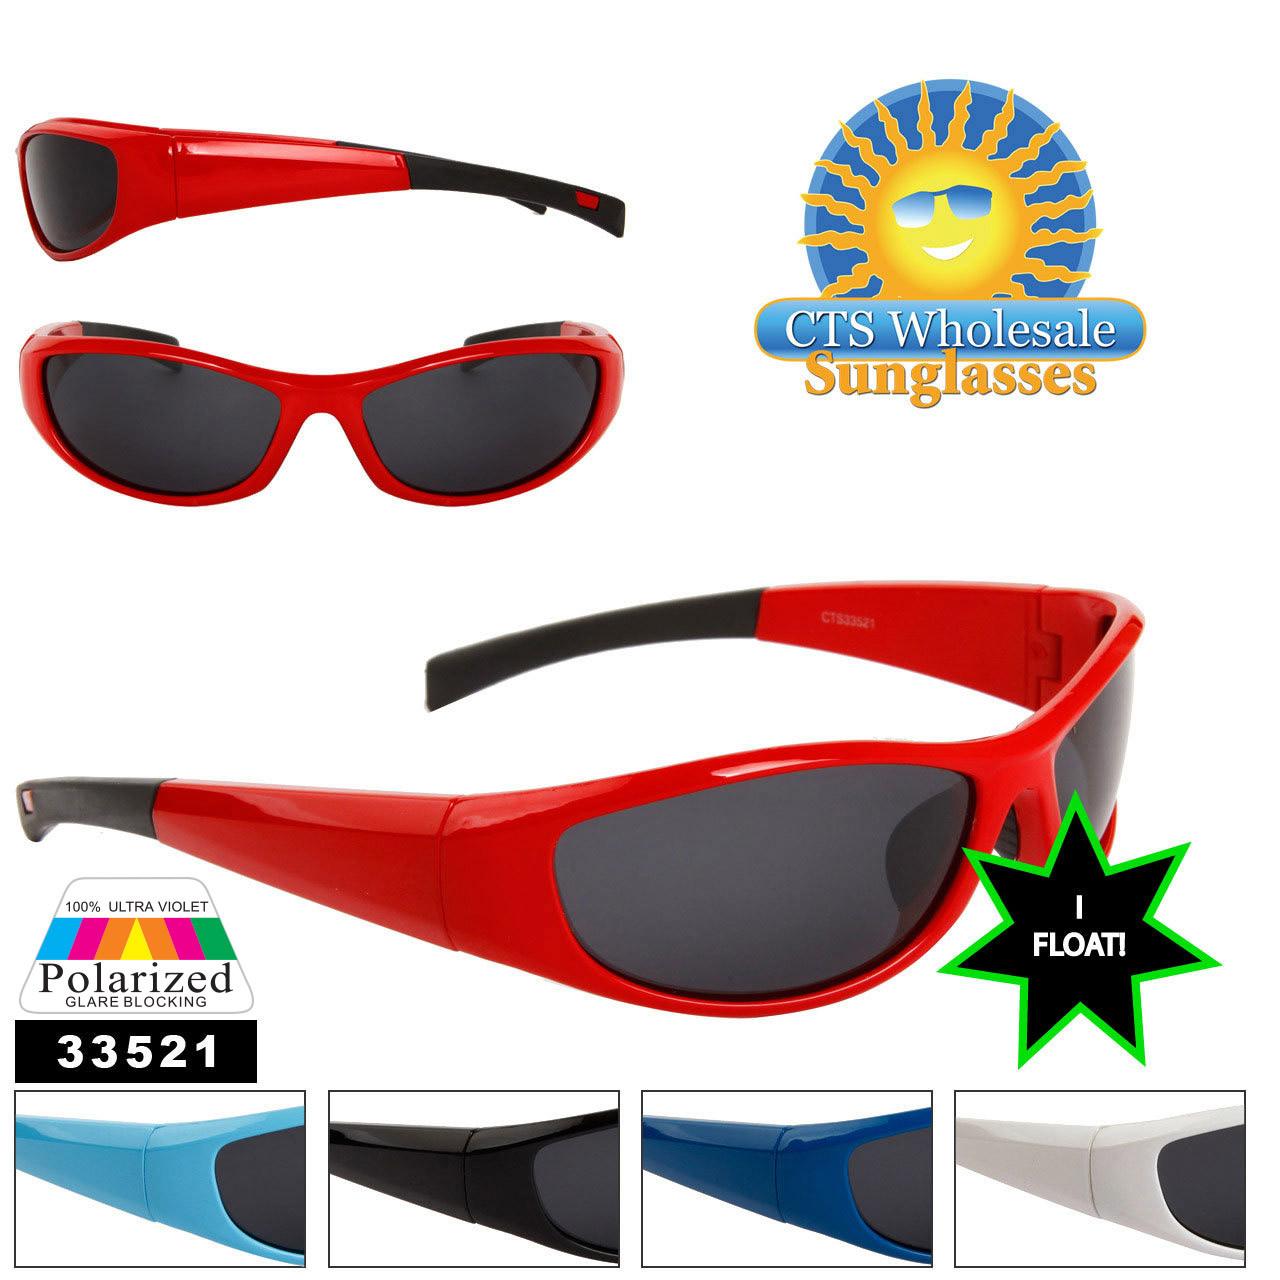 Floating Polarized Sunglasses - Fishing Sunglasses!